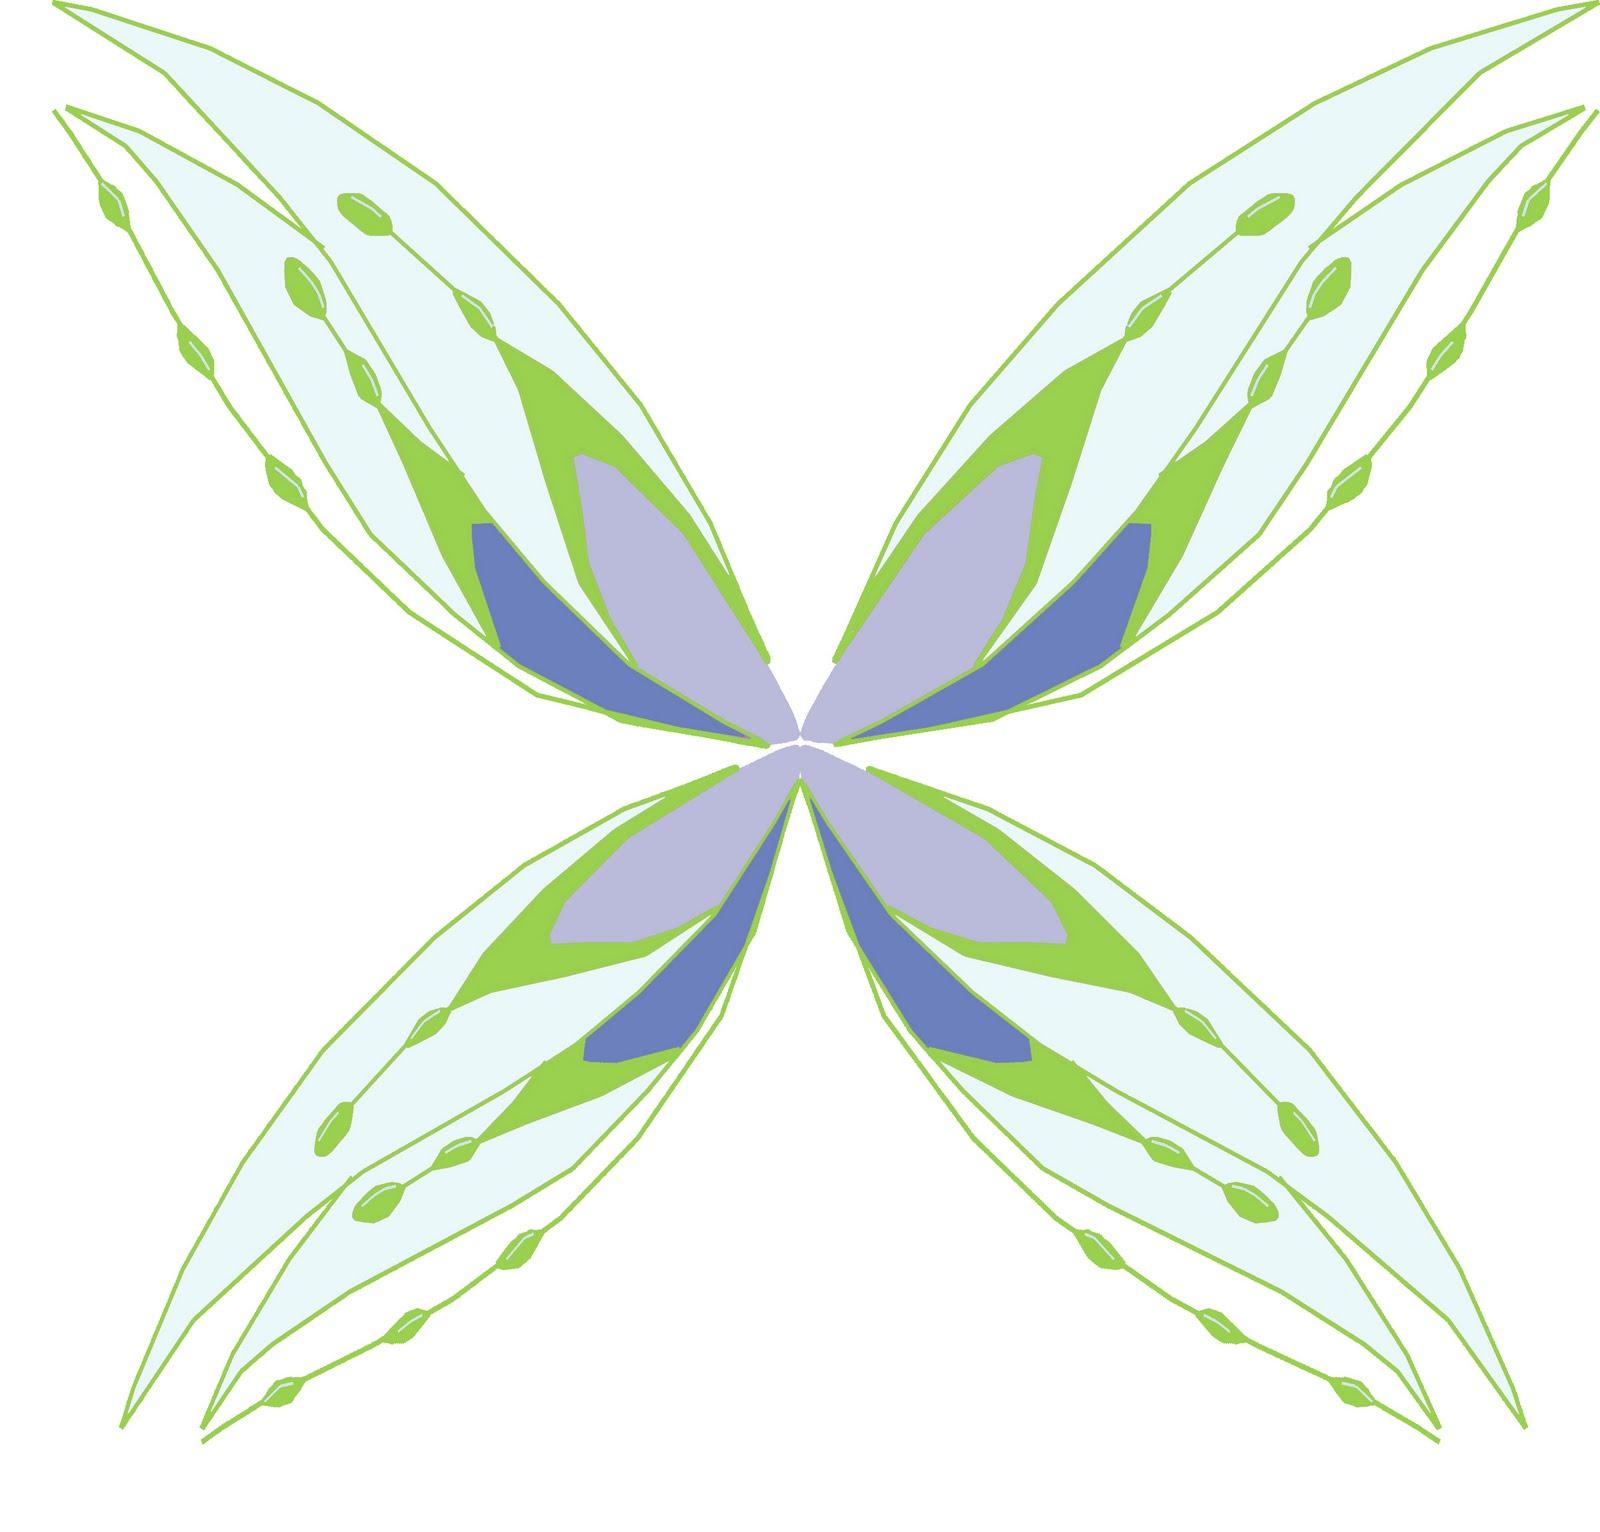 http://3.bp.blogspot.com/_J1eKITQ_ojE/S6yvnDuM0fI/AAAAAAAABFk/i97JLdCWYfQ/s1600/zoomix_tecna.jpg